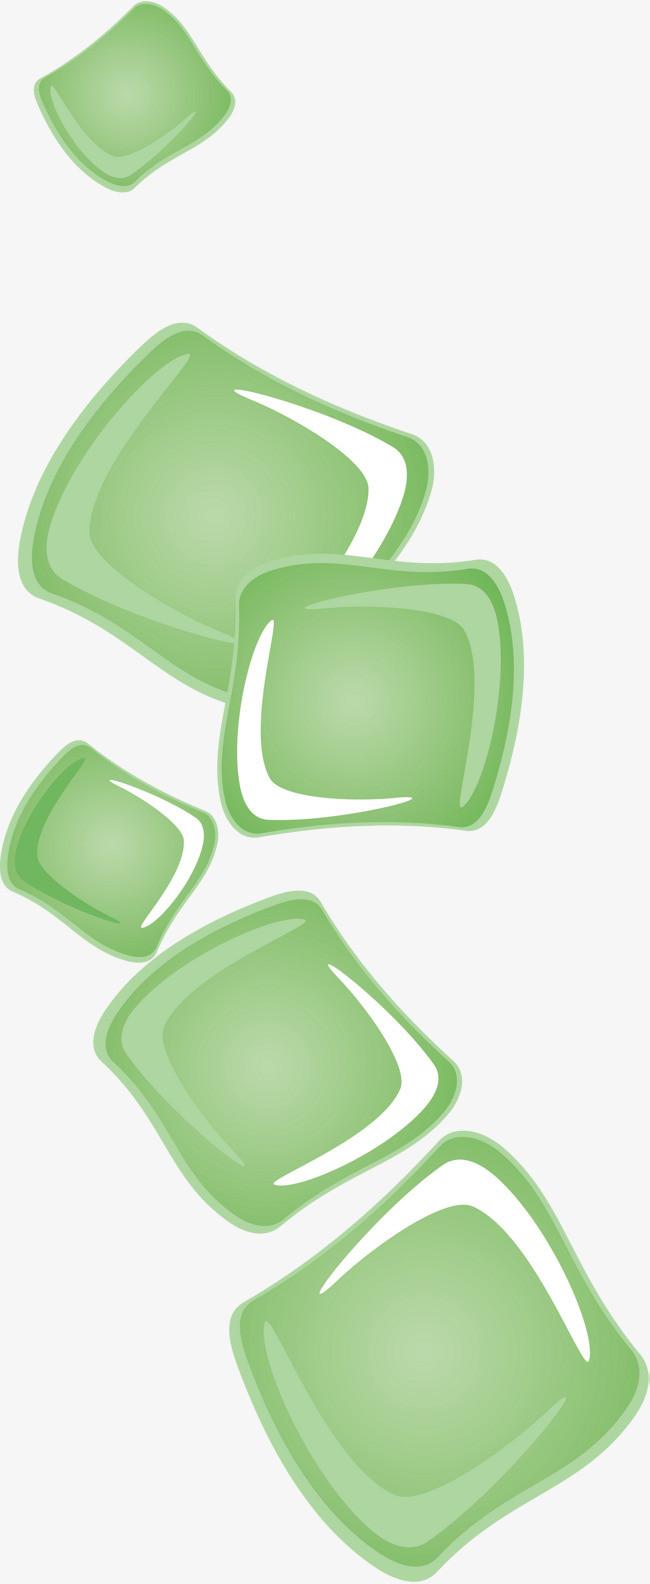 手绘绿色方块_png素材免费下载_ 1501*3656像素(编号